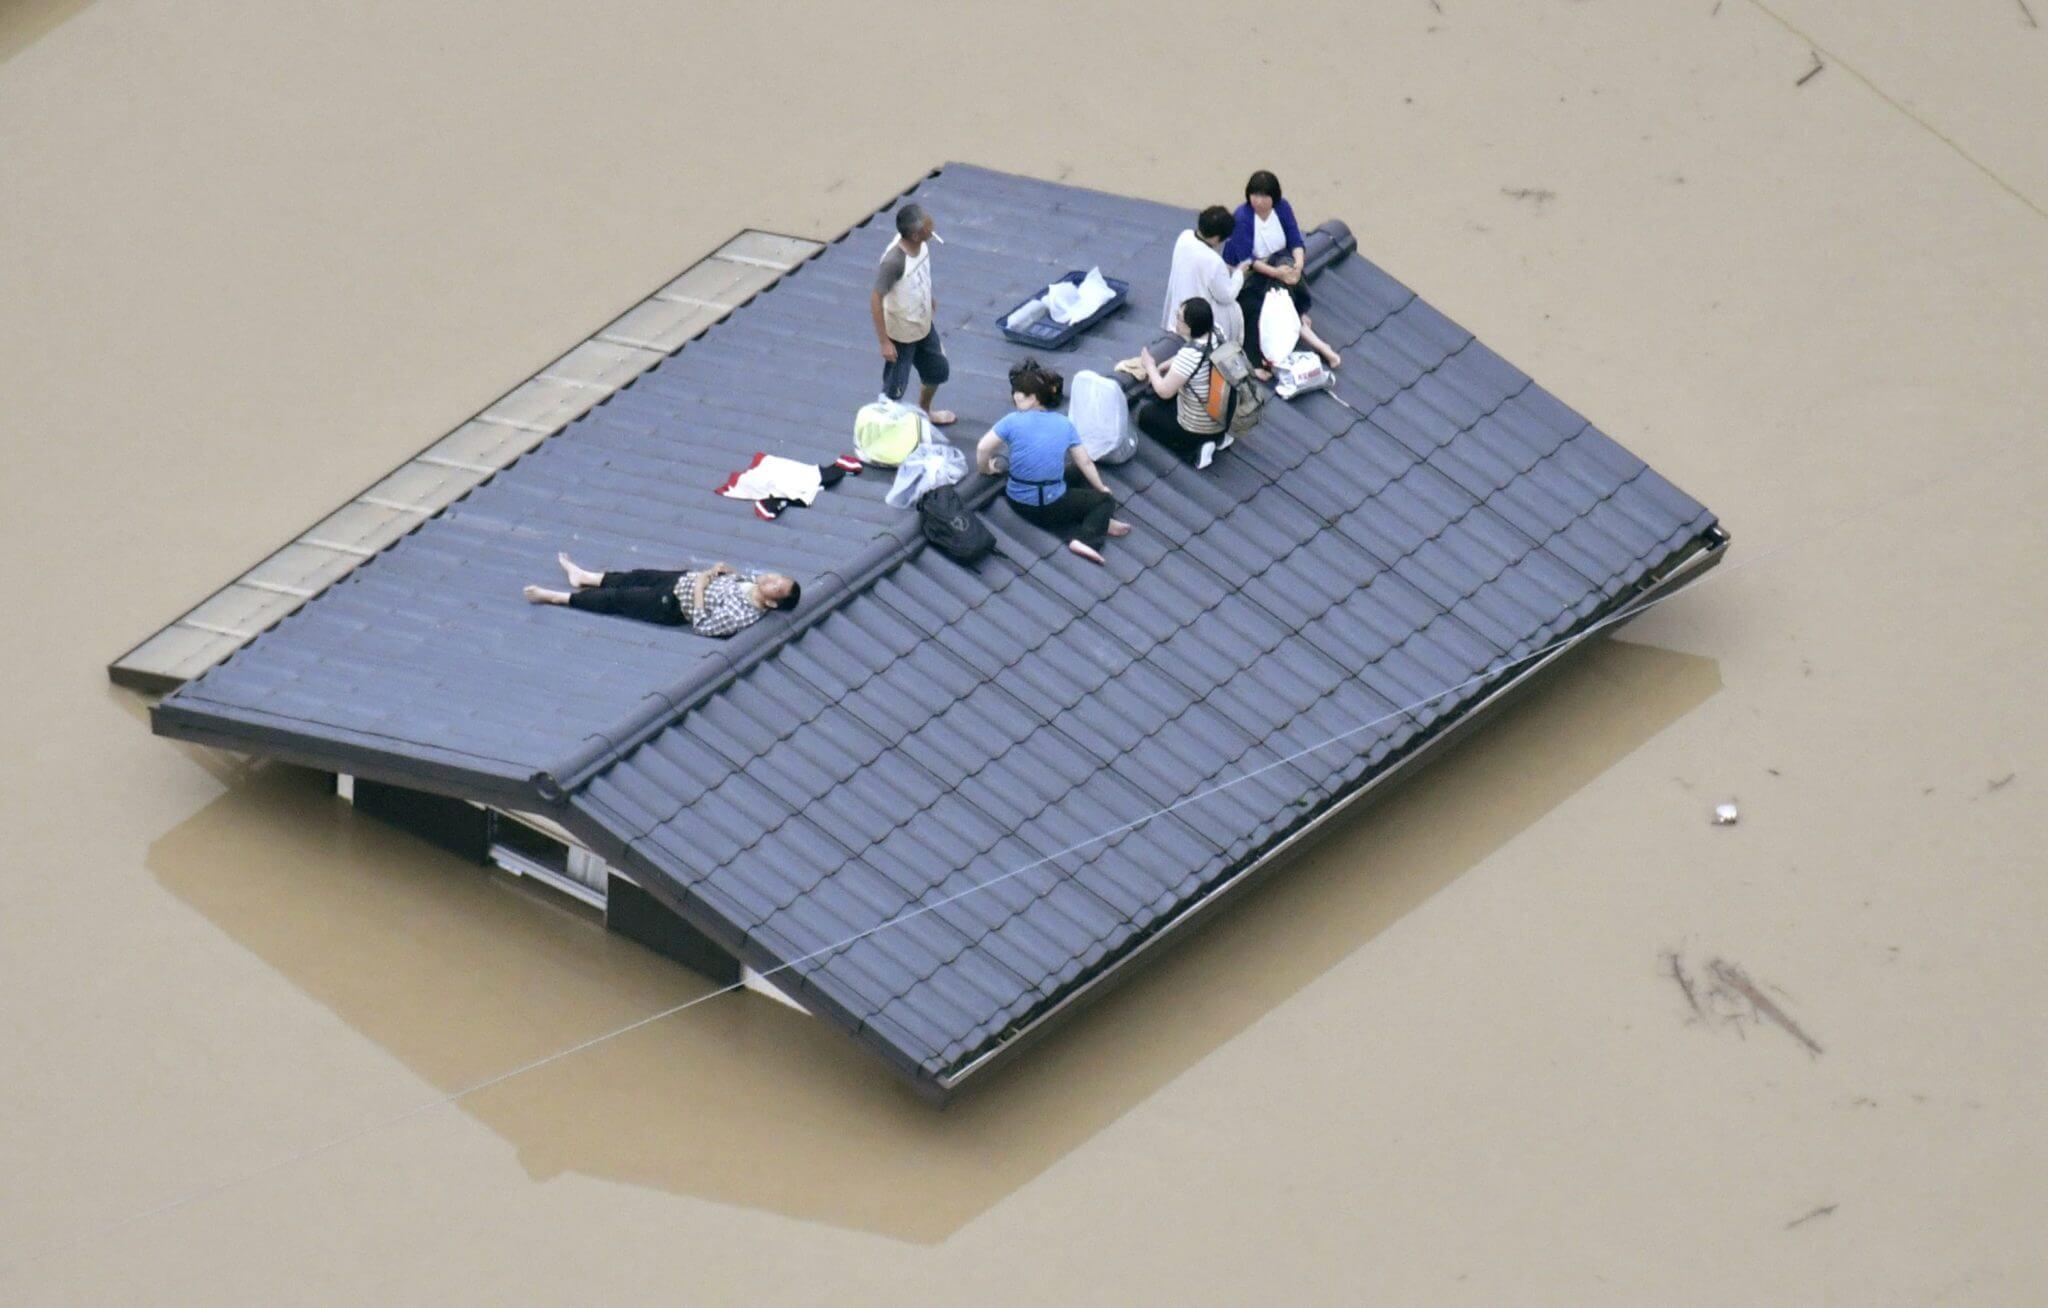 Una vista aérea muestra a los residentes locales vistos en el techo de una casa sumergida. Fotografía: Kyodo/Reuters